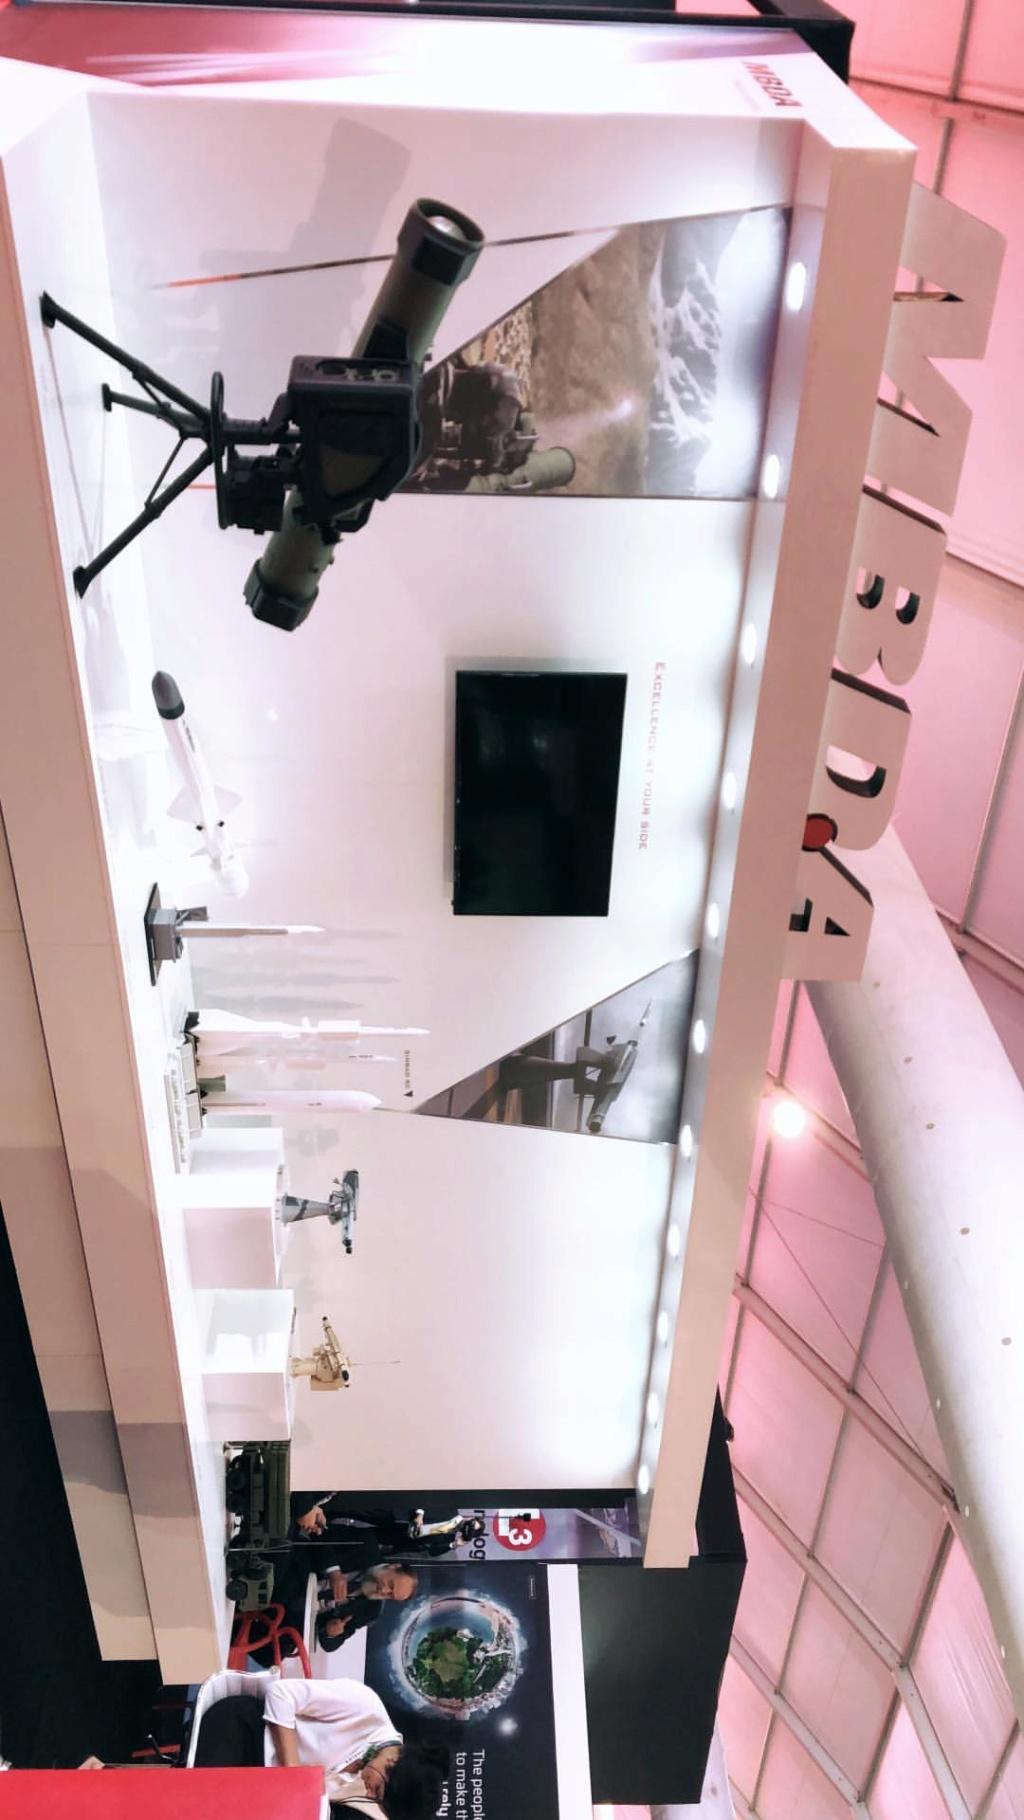 Marrakech Air Show 2018 - Photos et vidéos des participants étrangers 20181015